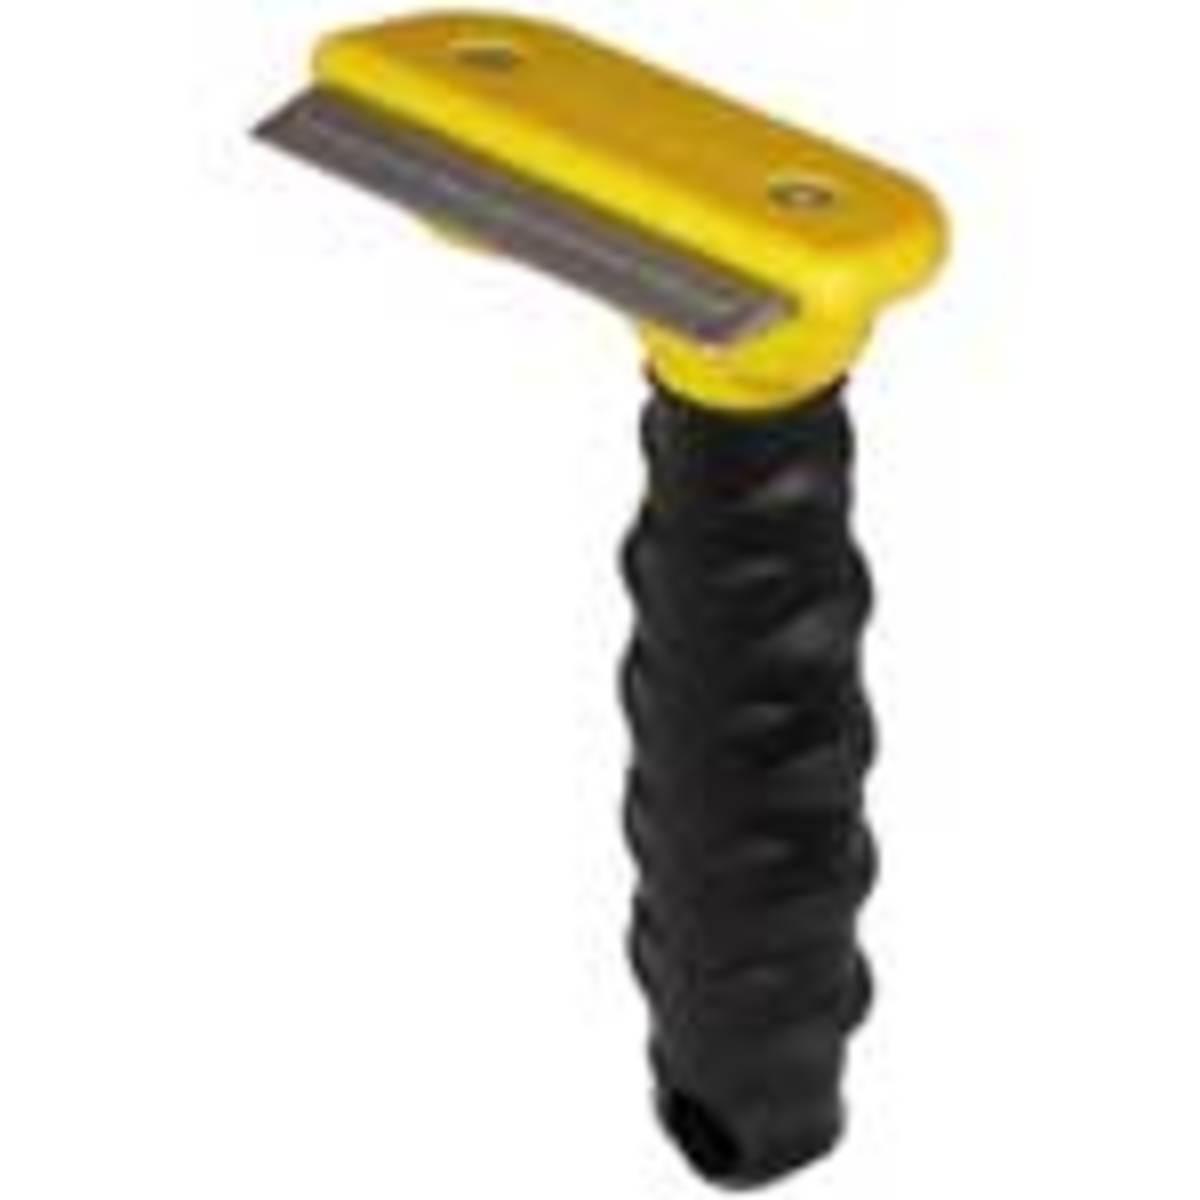 Furminator De-Shedding Tool